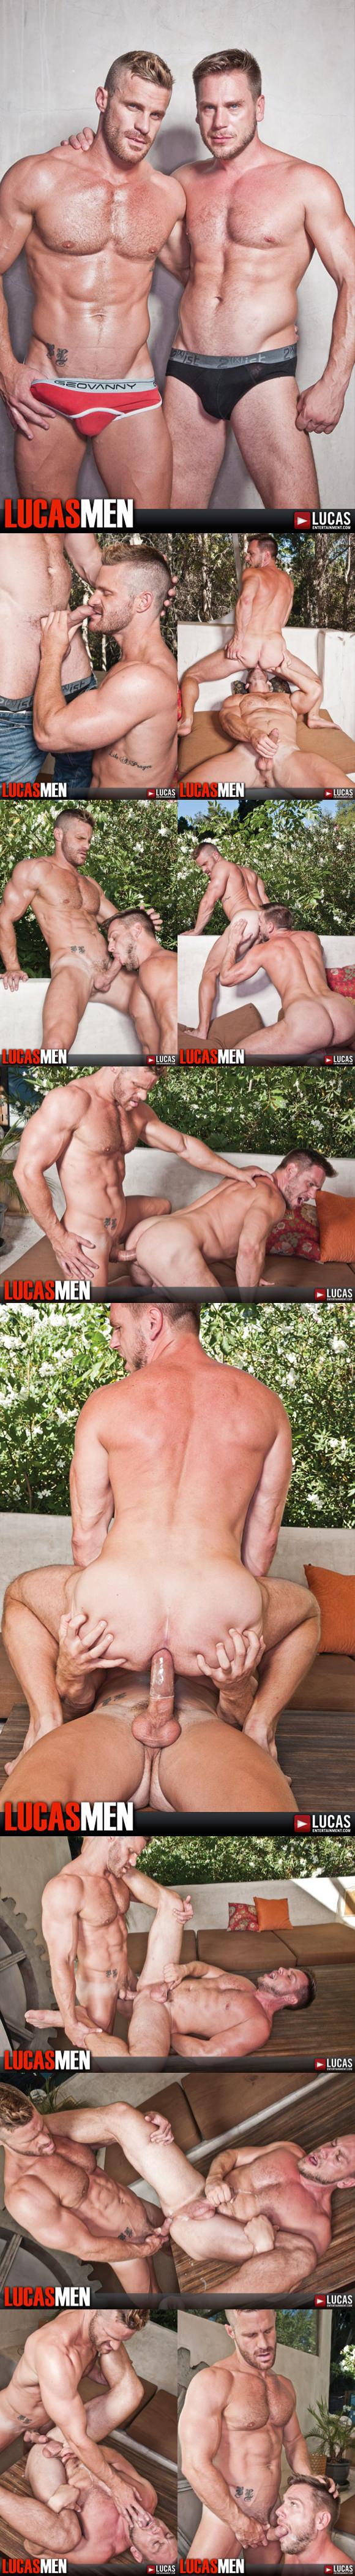 lucas-entertainment-lucas-men-landon-conrad-hans-berlin